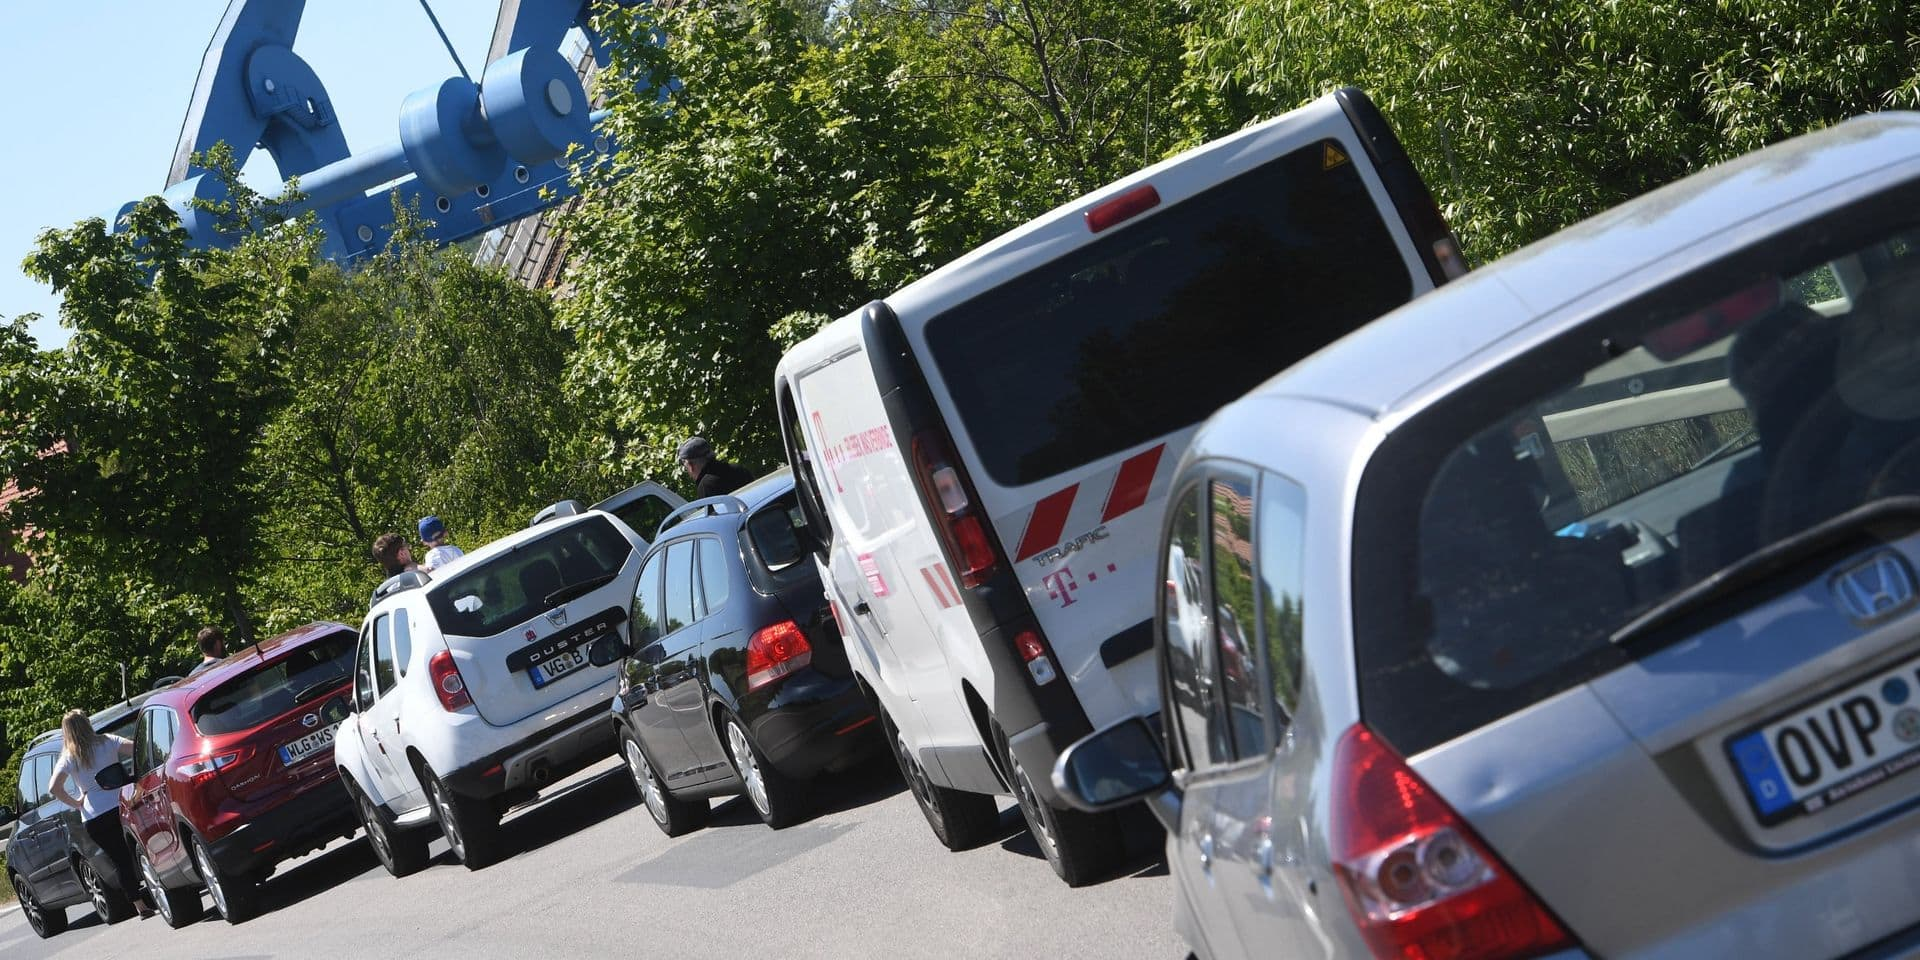 Vers une eurovignette pour toutes les voitures empruntant les autoroutes de l'UE ?